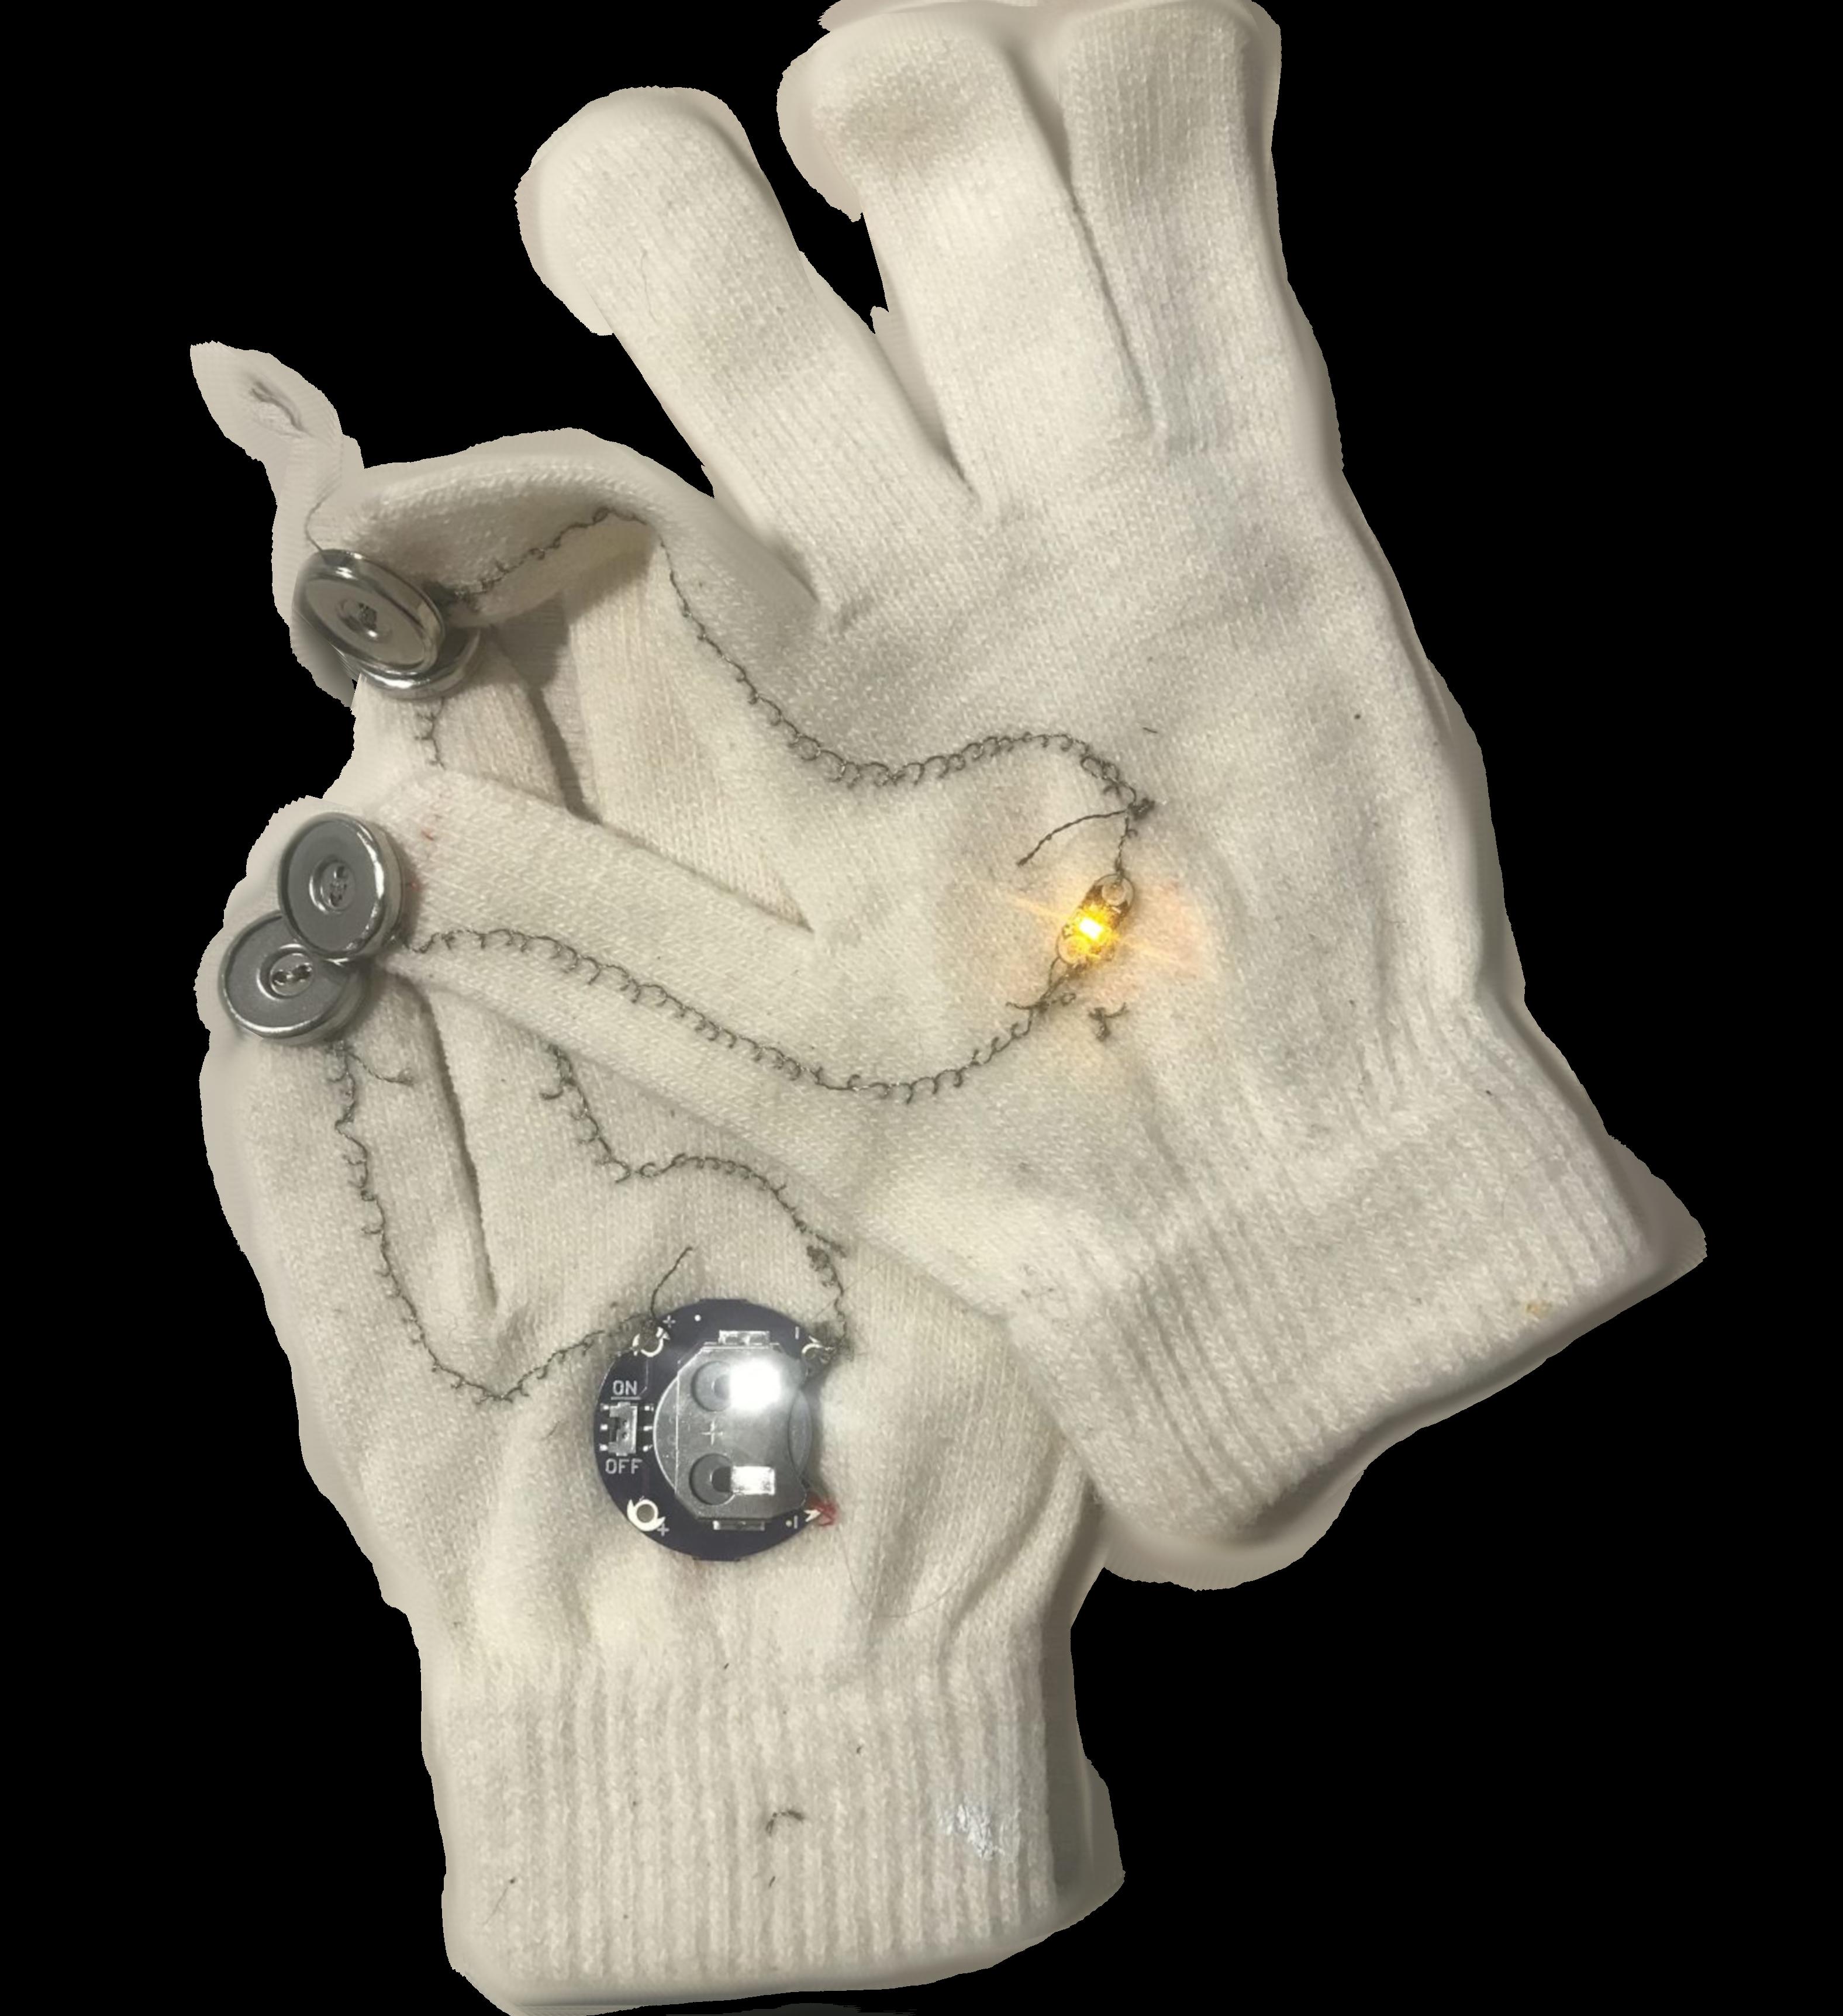 makerbox_gloves2